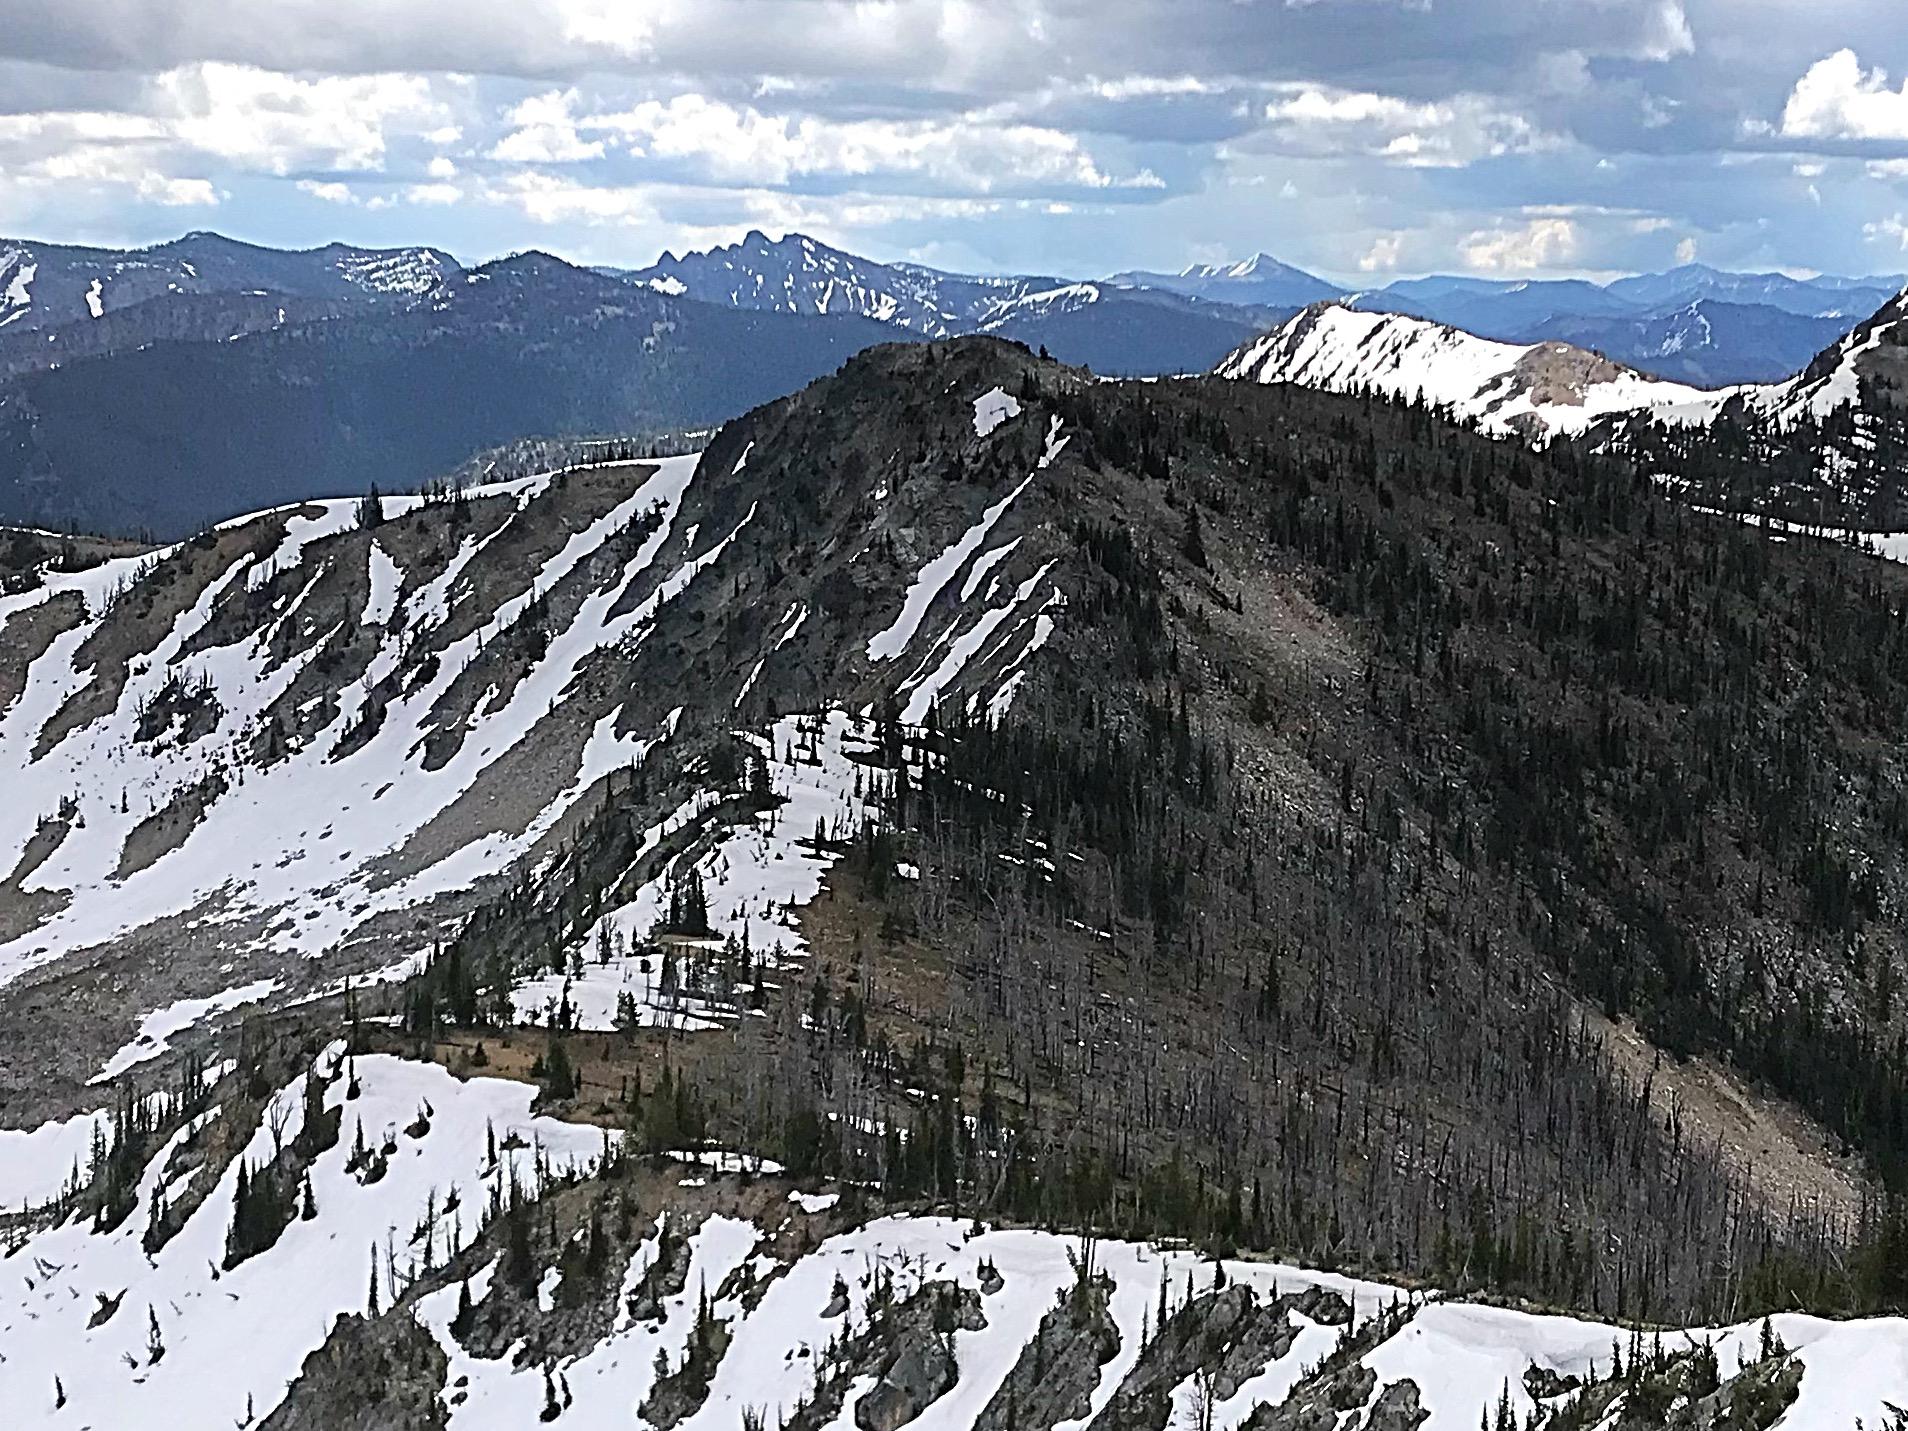 Peak 8615 viewed from Peak 8608.